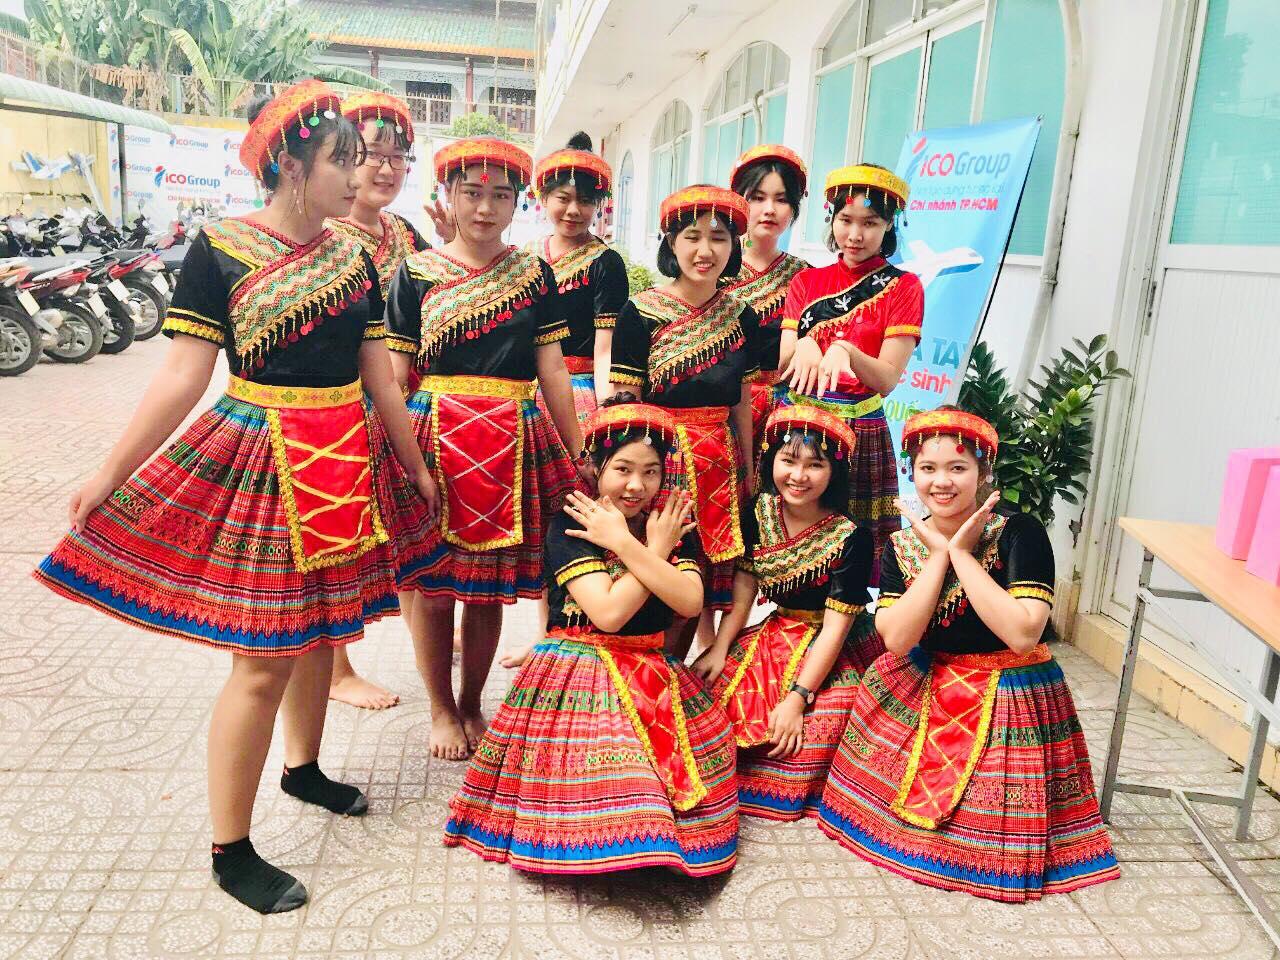 Thuê trang phục dân tộc giá rẻ tại TP.HCM